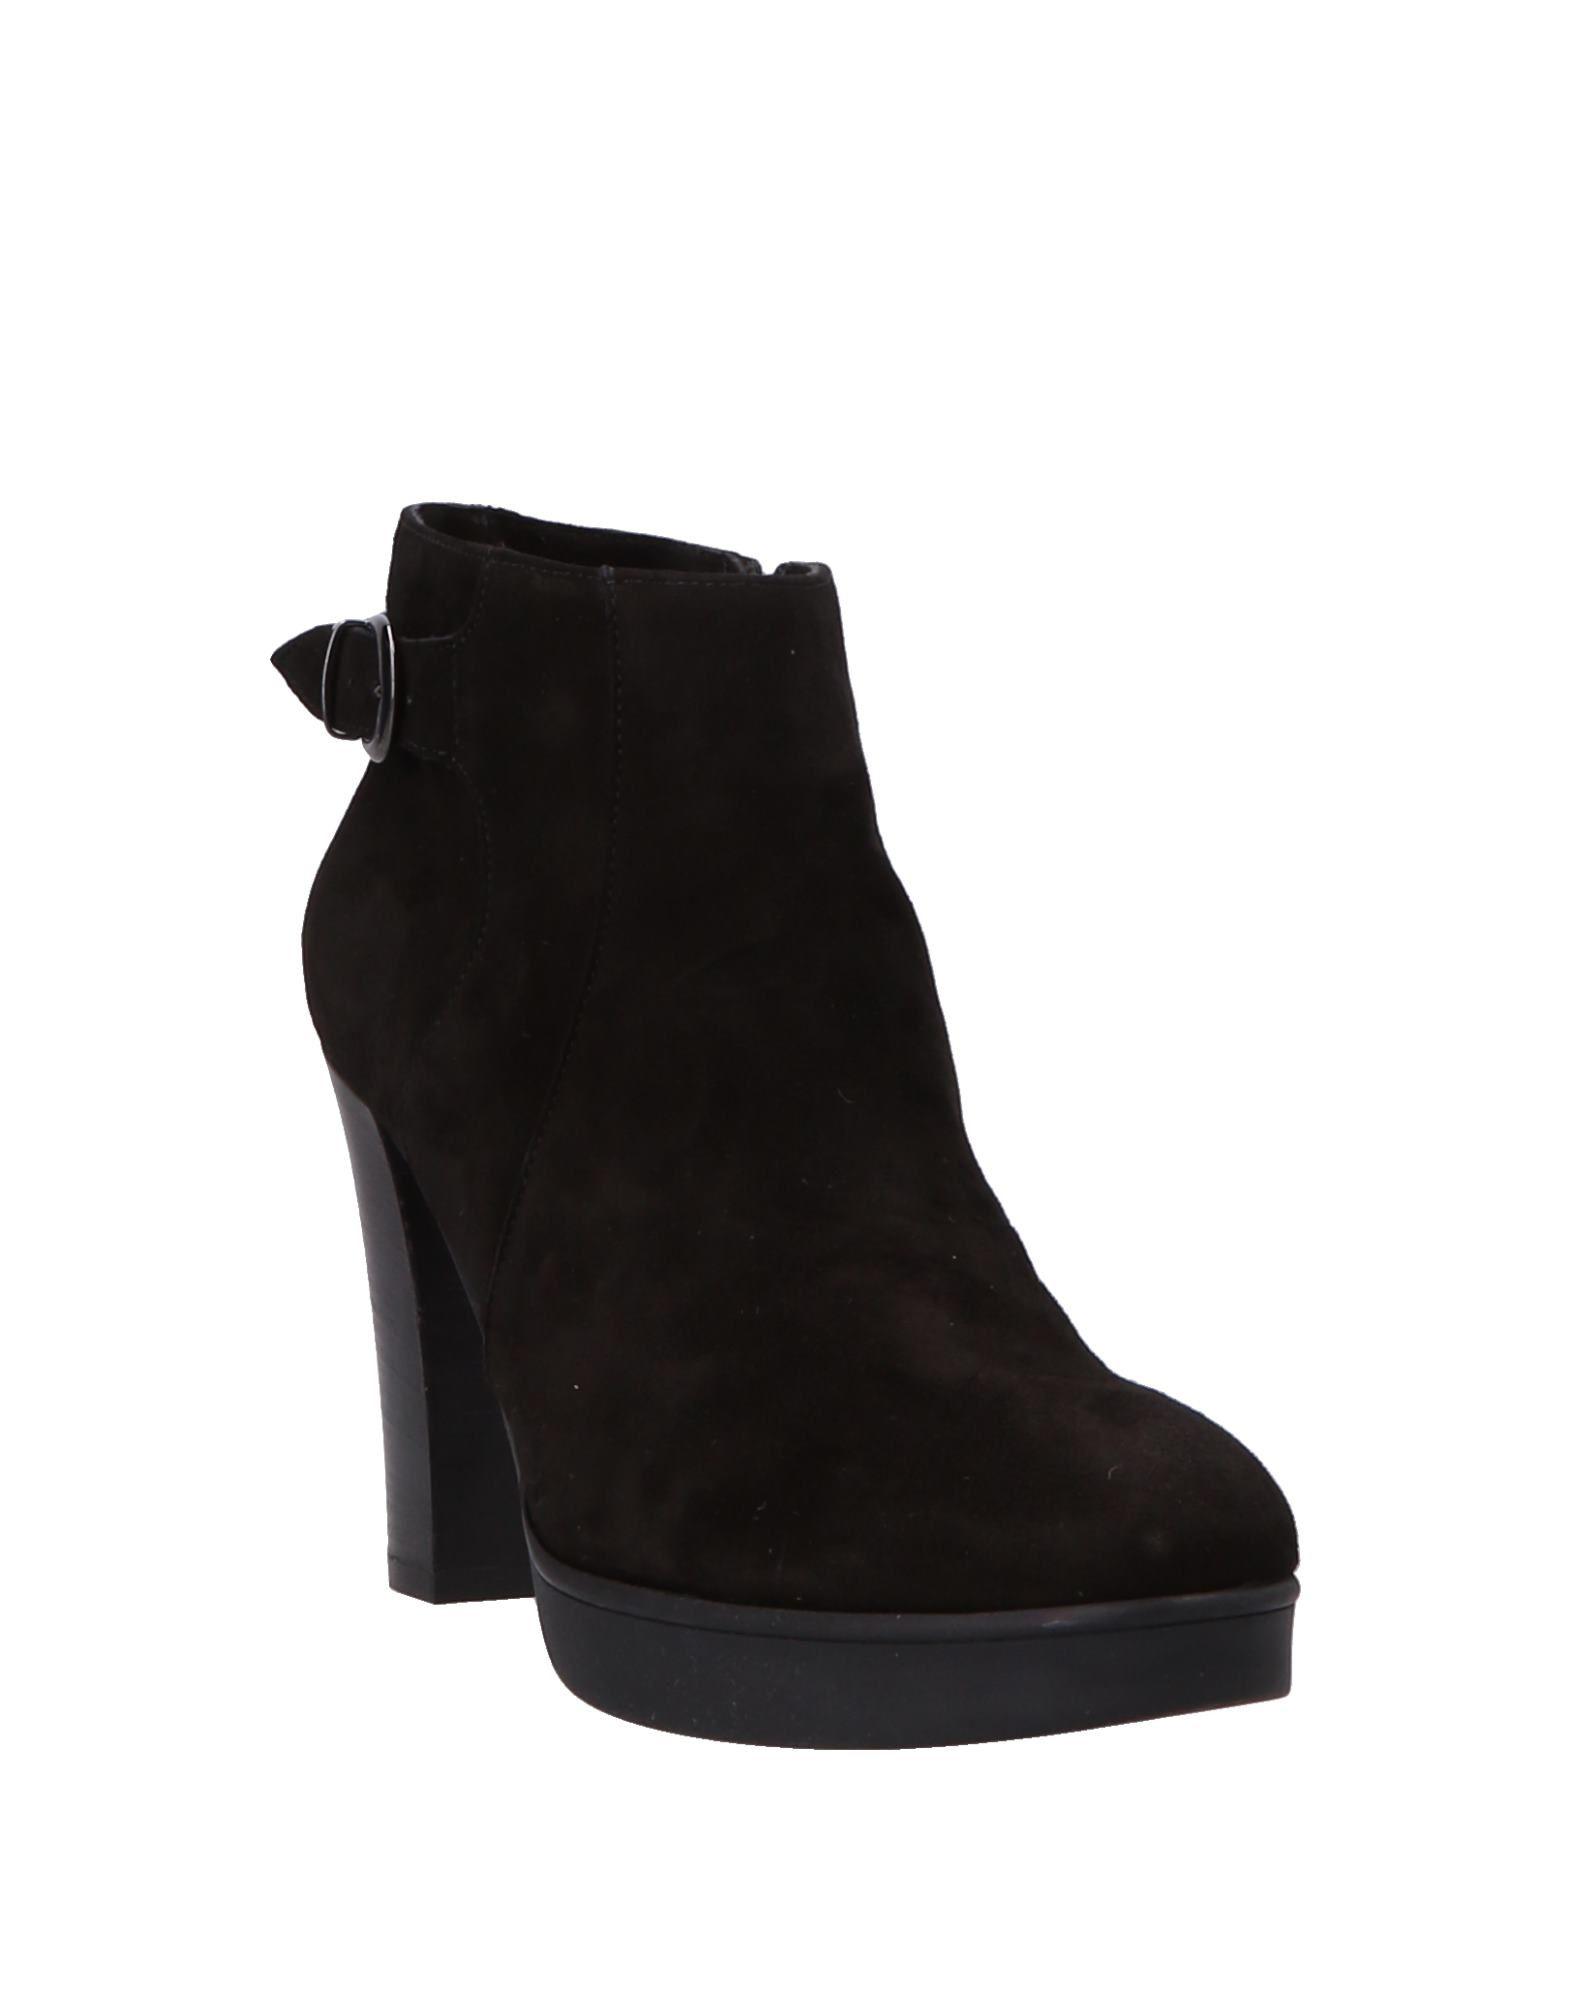 Donna Più Stiefelette Damen  Schuhe 11544155FC Gute Qualität beliebte Schuhe  023285